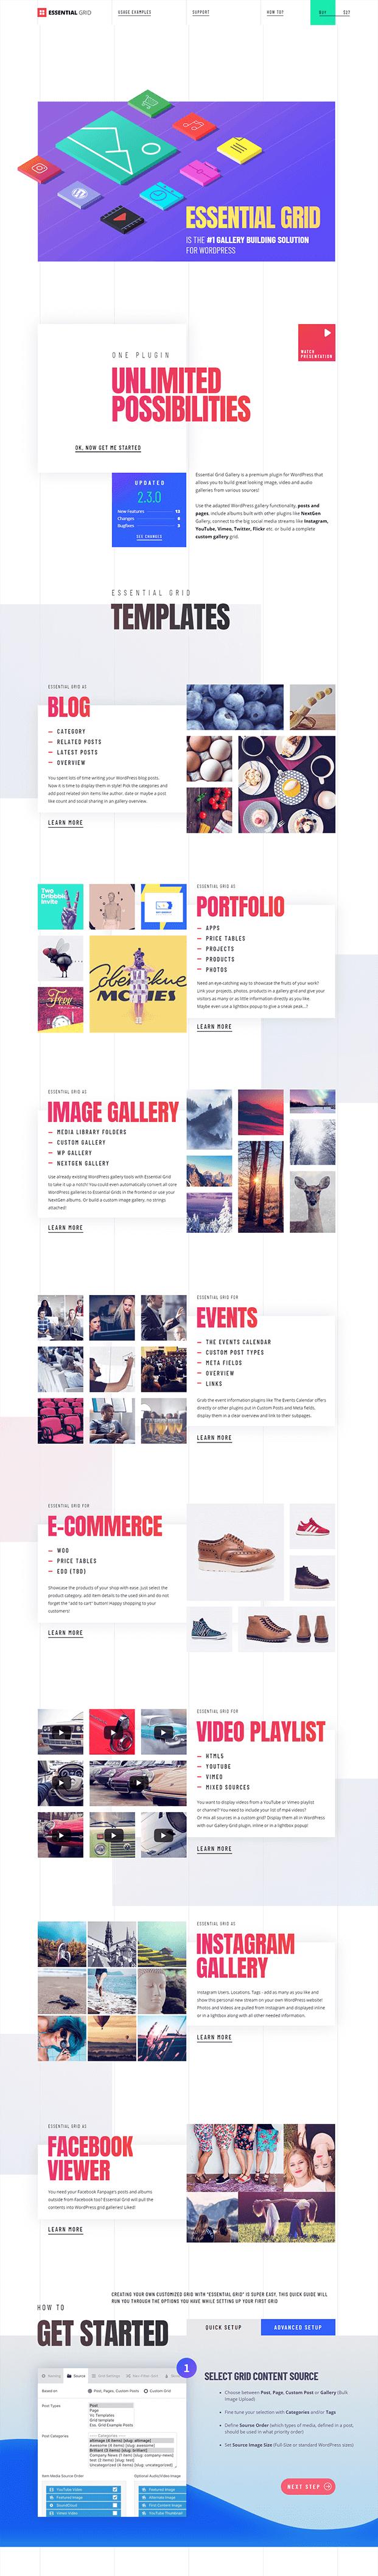 Grid Gallery - Grid Gallery WordPress Plugin